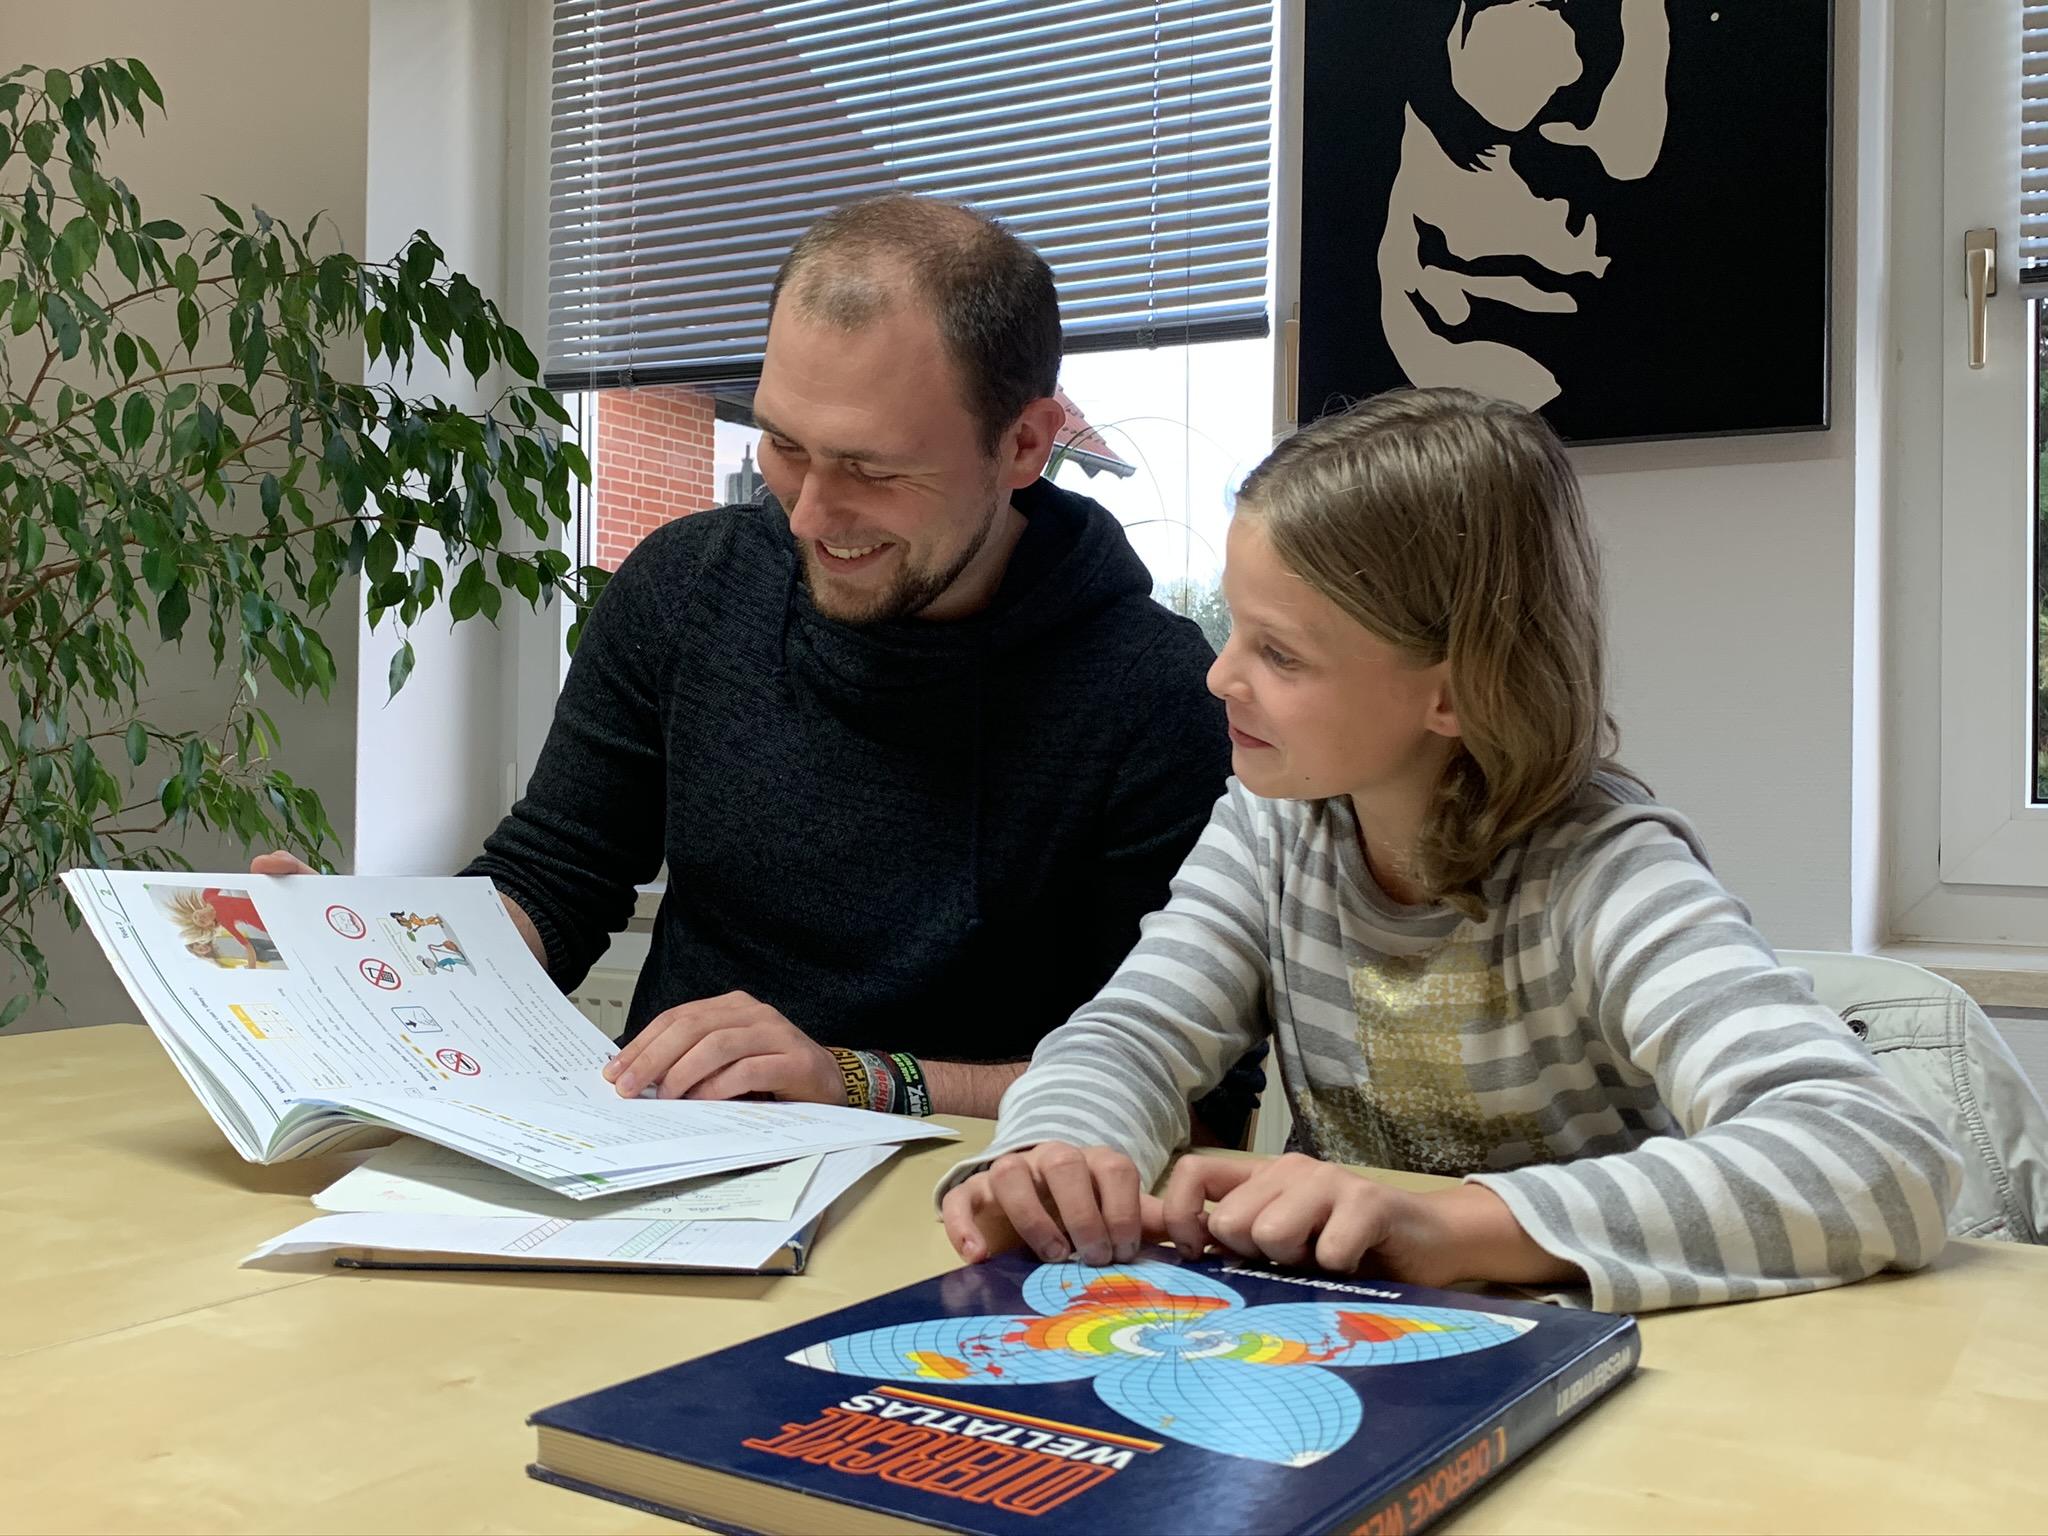 Lernen und Nachhilfe mit Spaß in der Quadratwurzel in Rodenberg